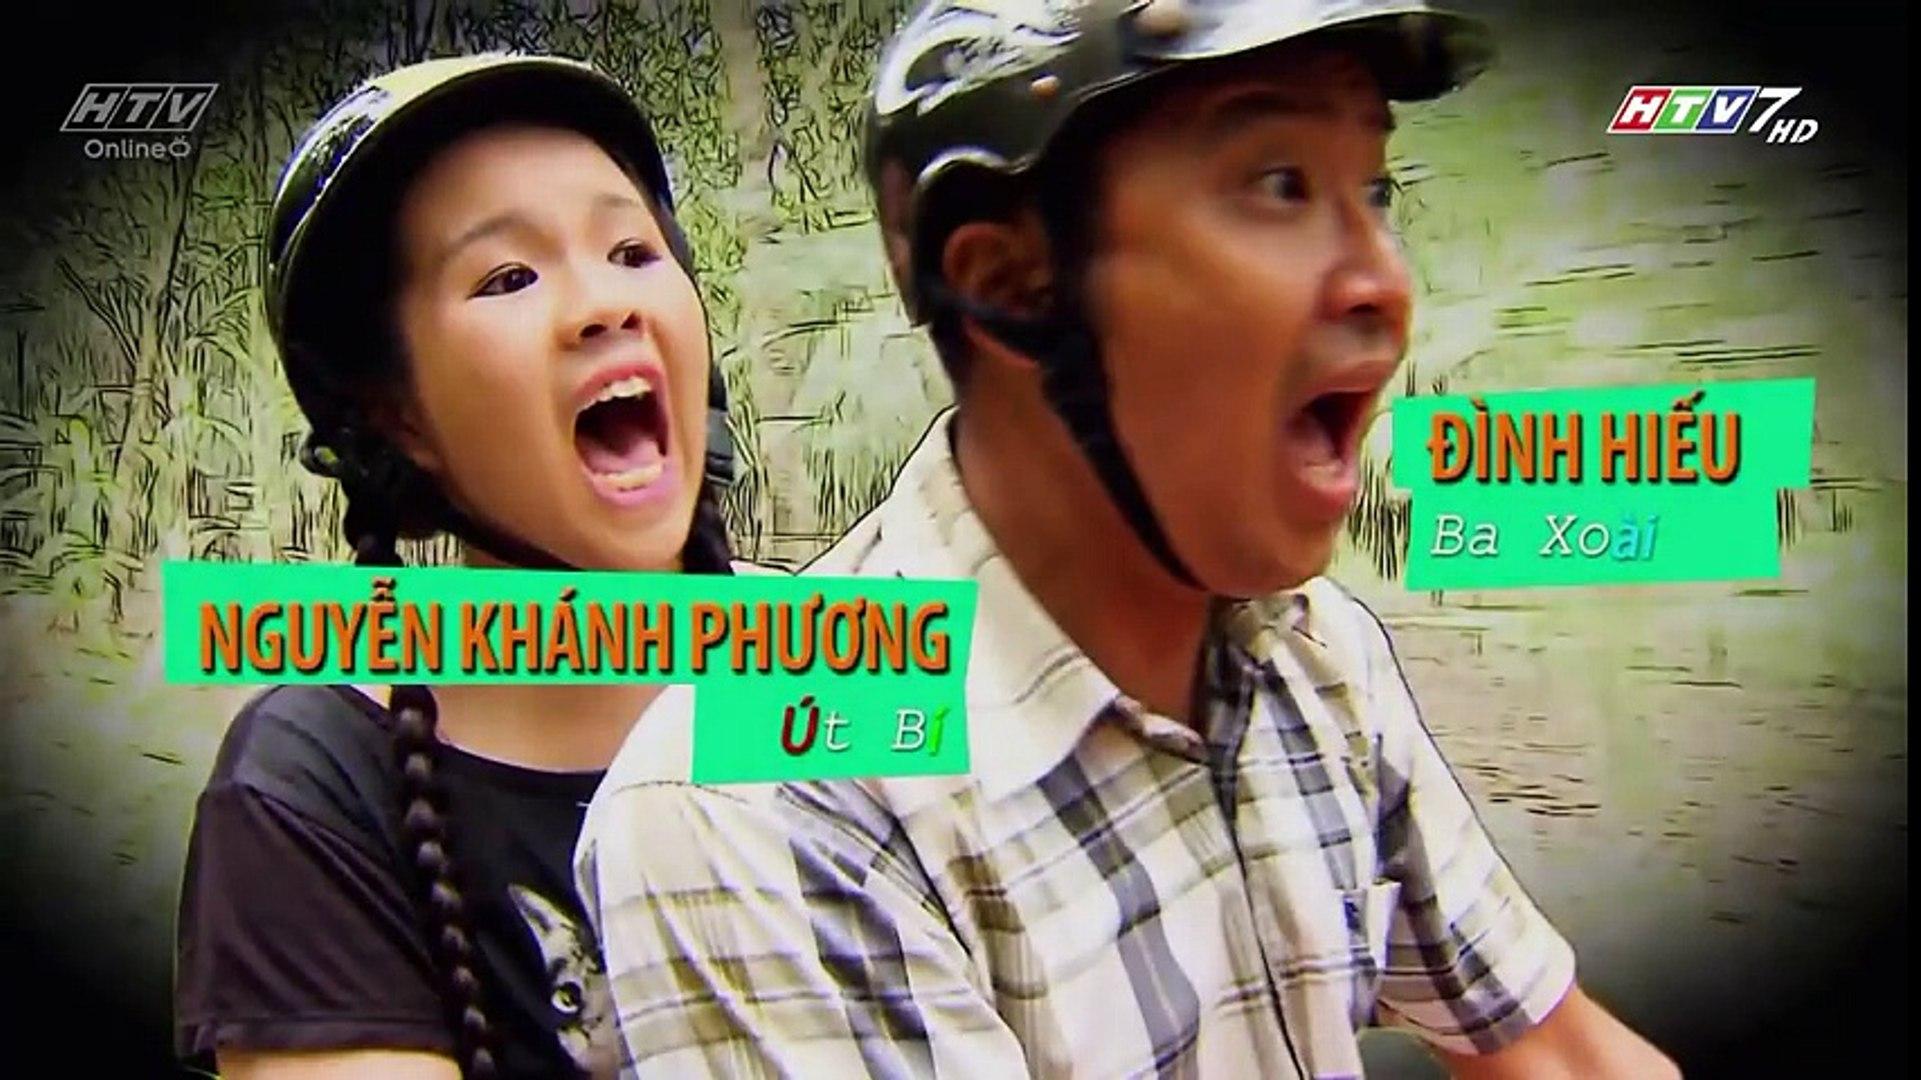 HTV7 - Sao Miệt Vườn - Tập 03   Phim Tình Cảm Việt Nam Đặc Sắc Mới Nhất 2017